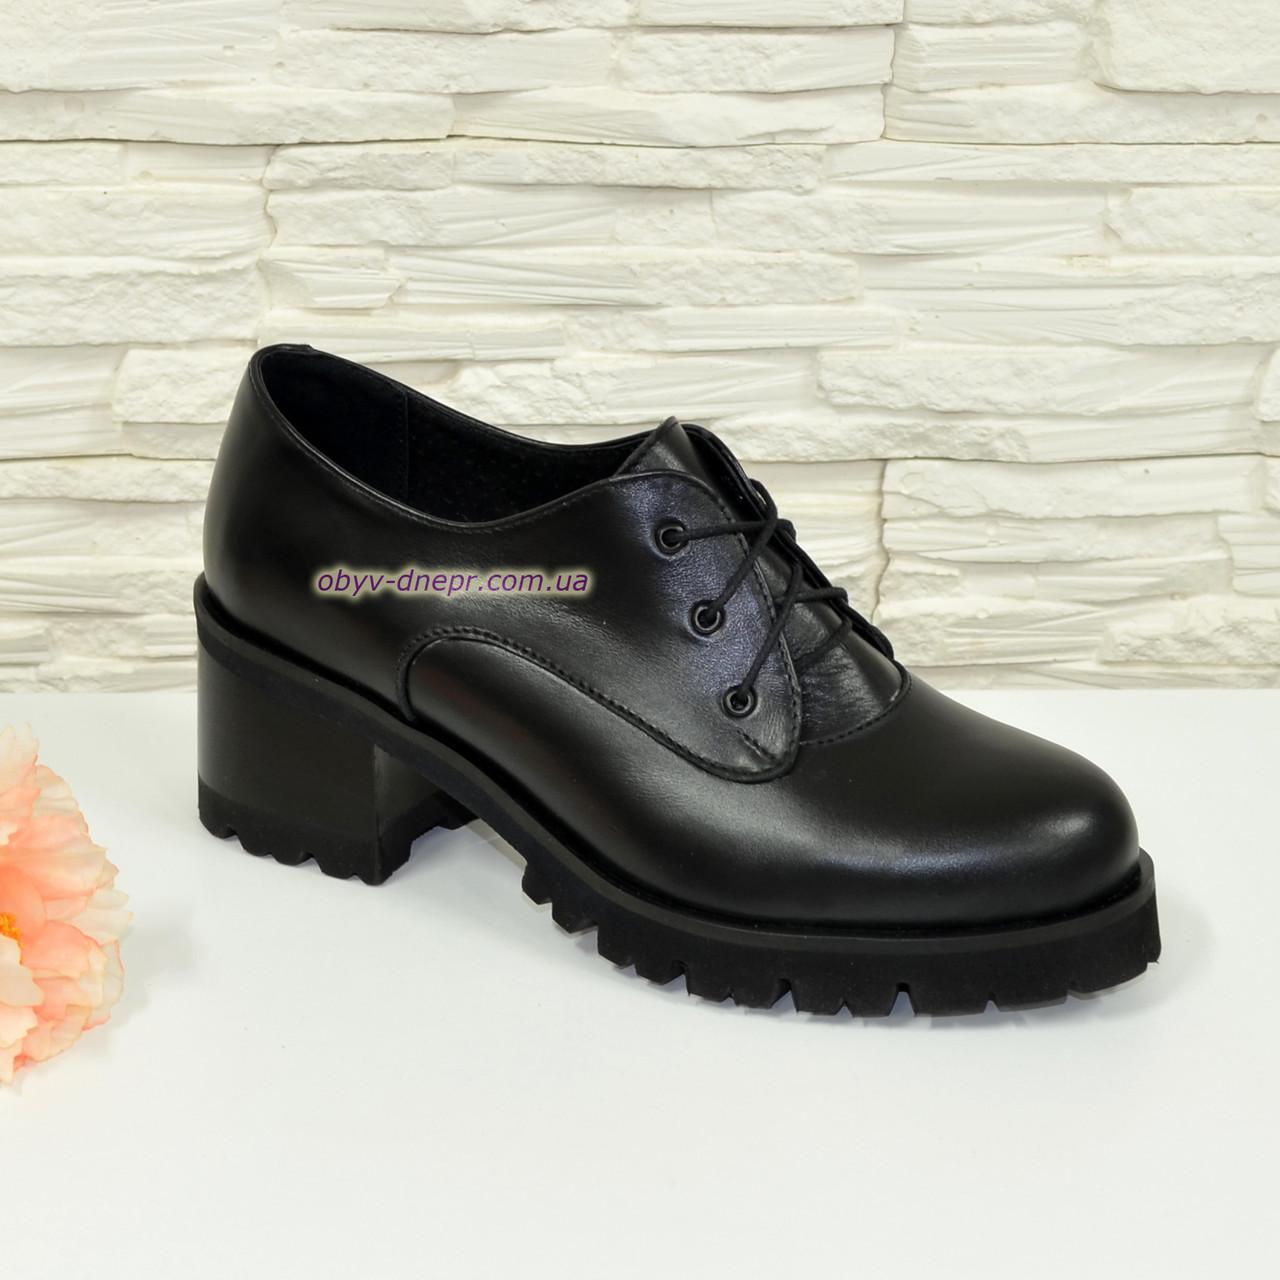 Женские кожаные туфли на невысоком устойчивом каблуке